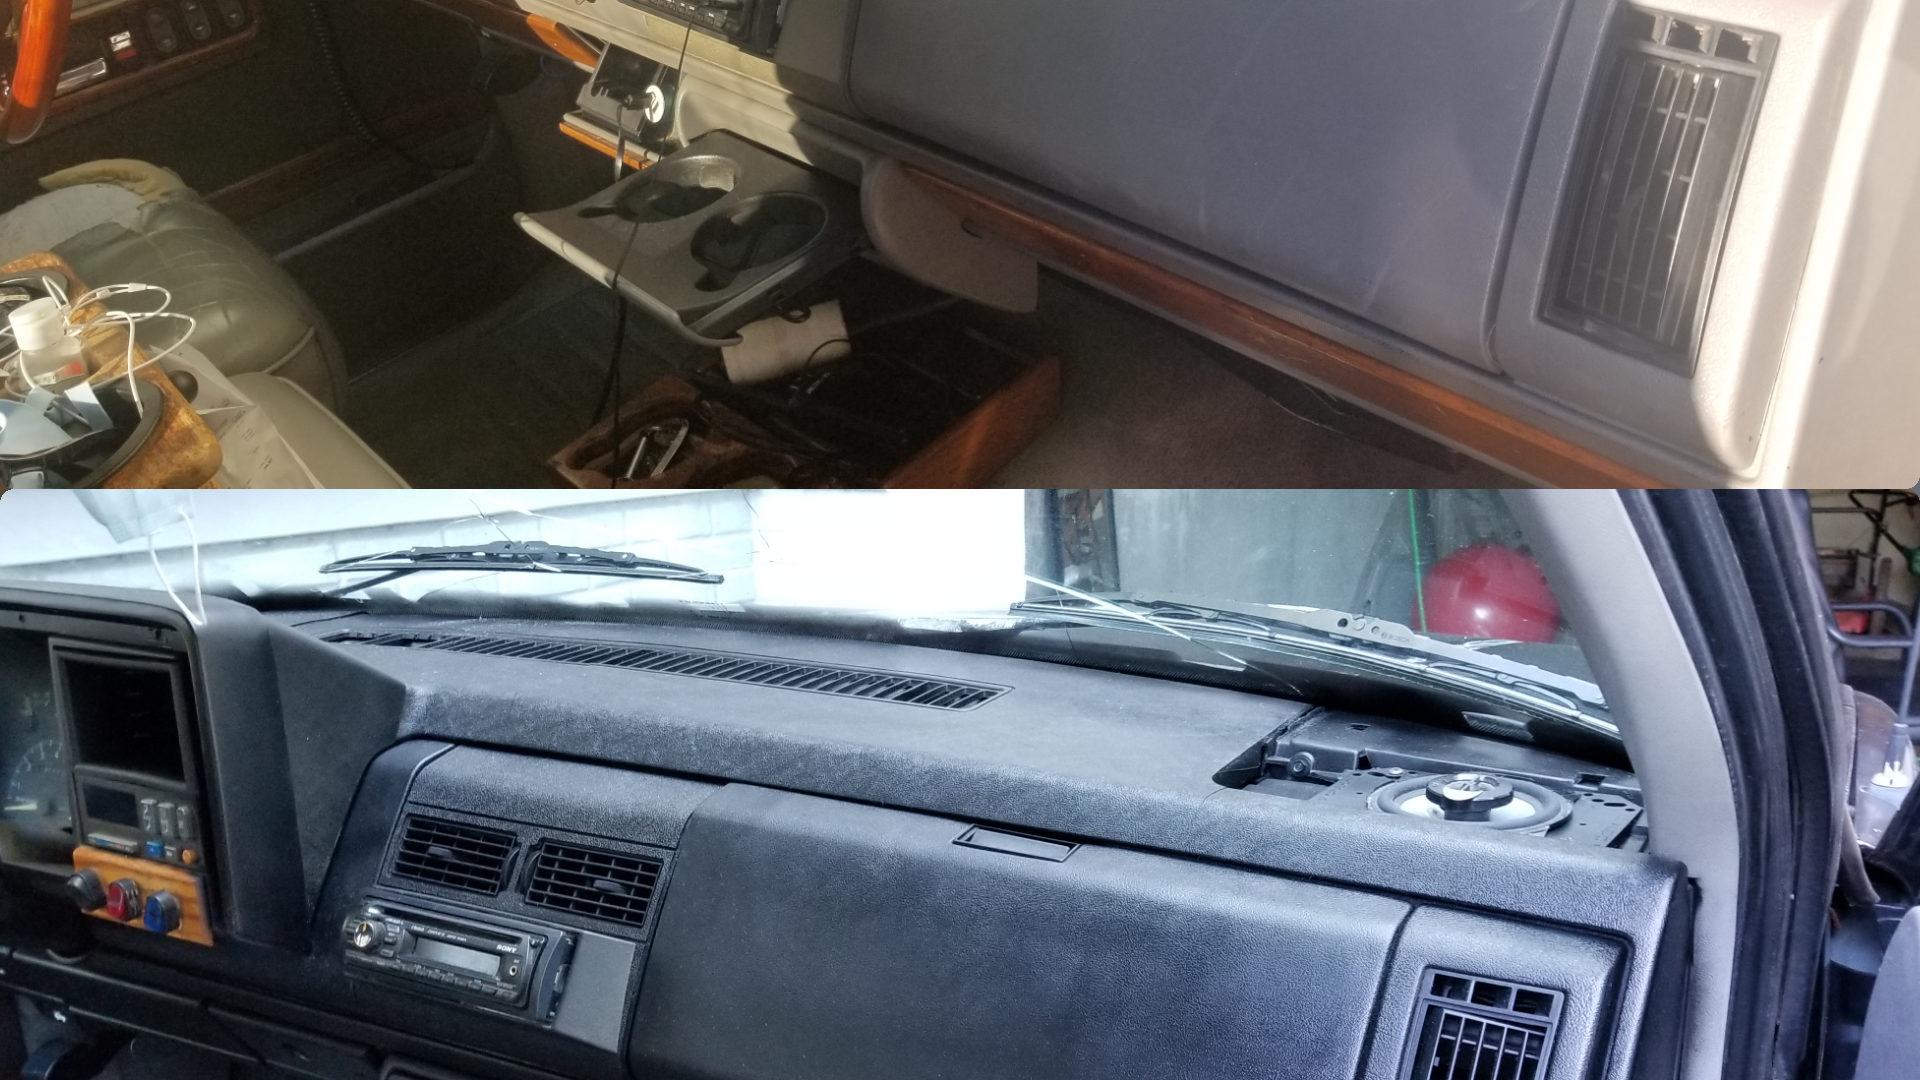 94 Chevy Silverado Upgrades